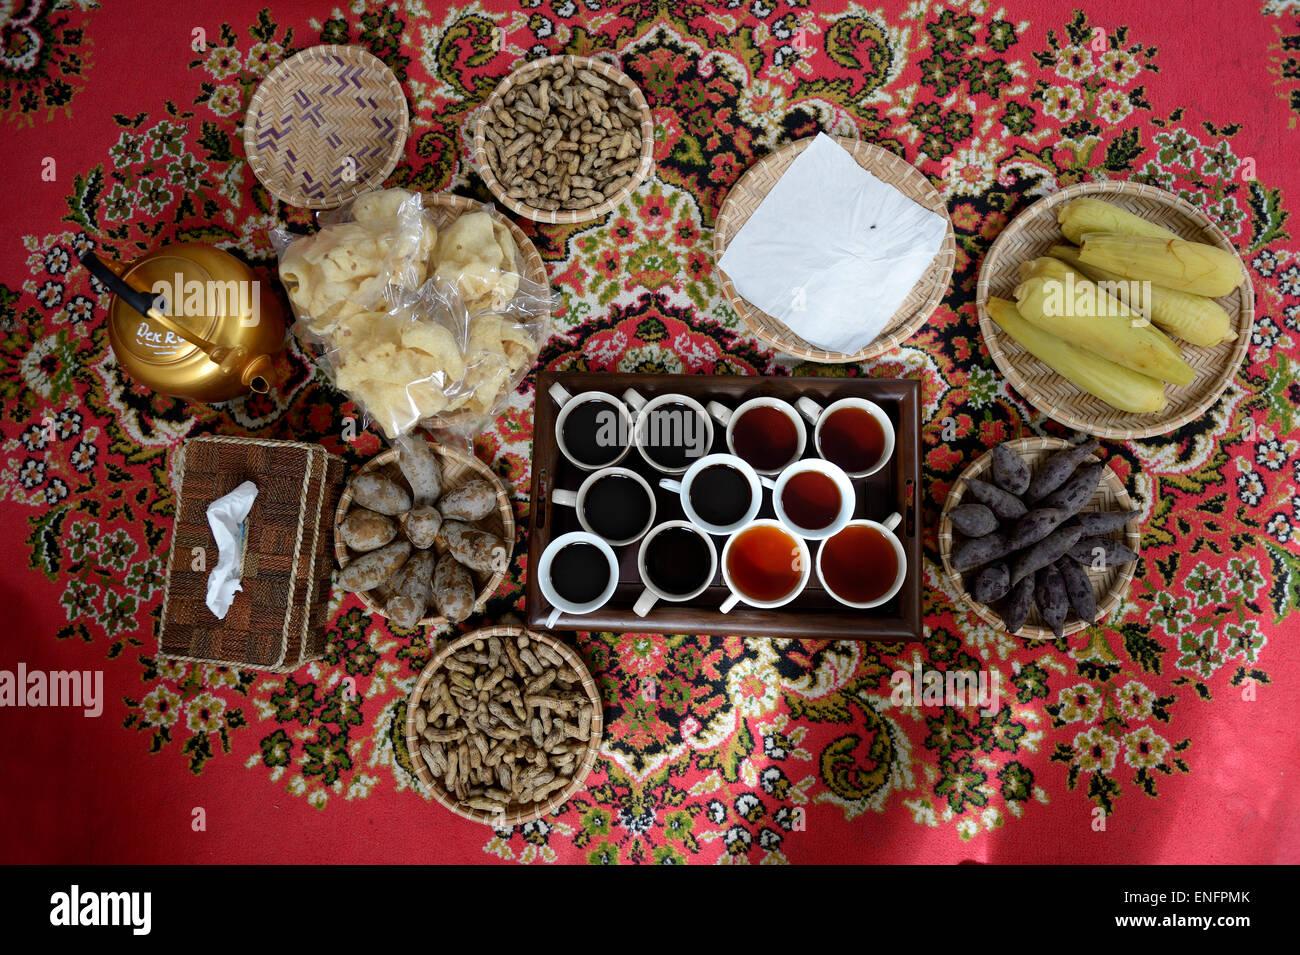 Regionale Küche, Tee und Kaffee auf einem roten Teppich, Gampong ...